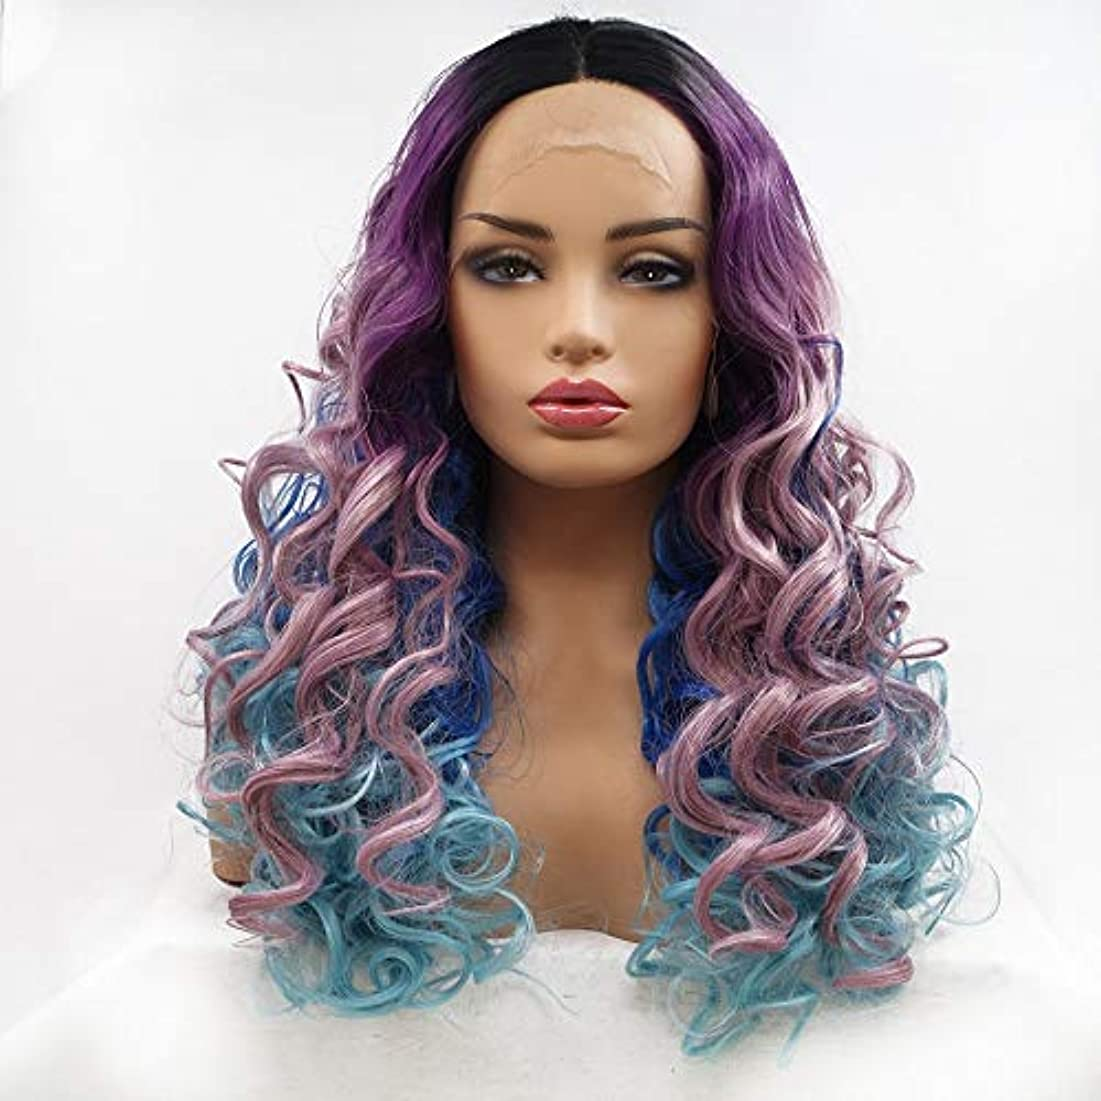 カウント提供徹底的にHAILAN HOME-かつら ウィッグ髪に紫、濃い青 - 青 - 勾配Farseeing髪カーリーヘアウィッグレディース手作りのレースのヨーロッパとアメリカのウィッグセットが生物リアルな換気を設定します。